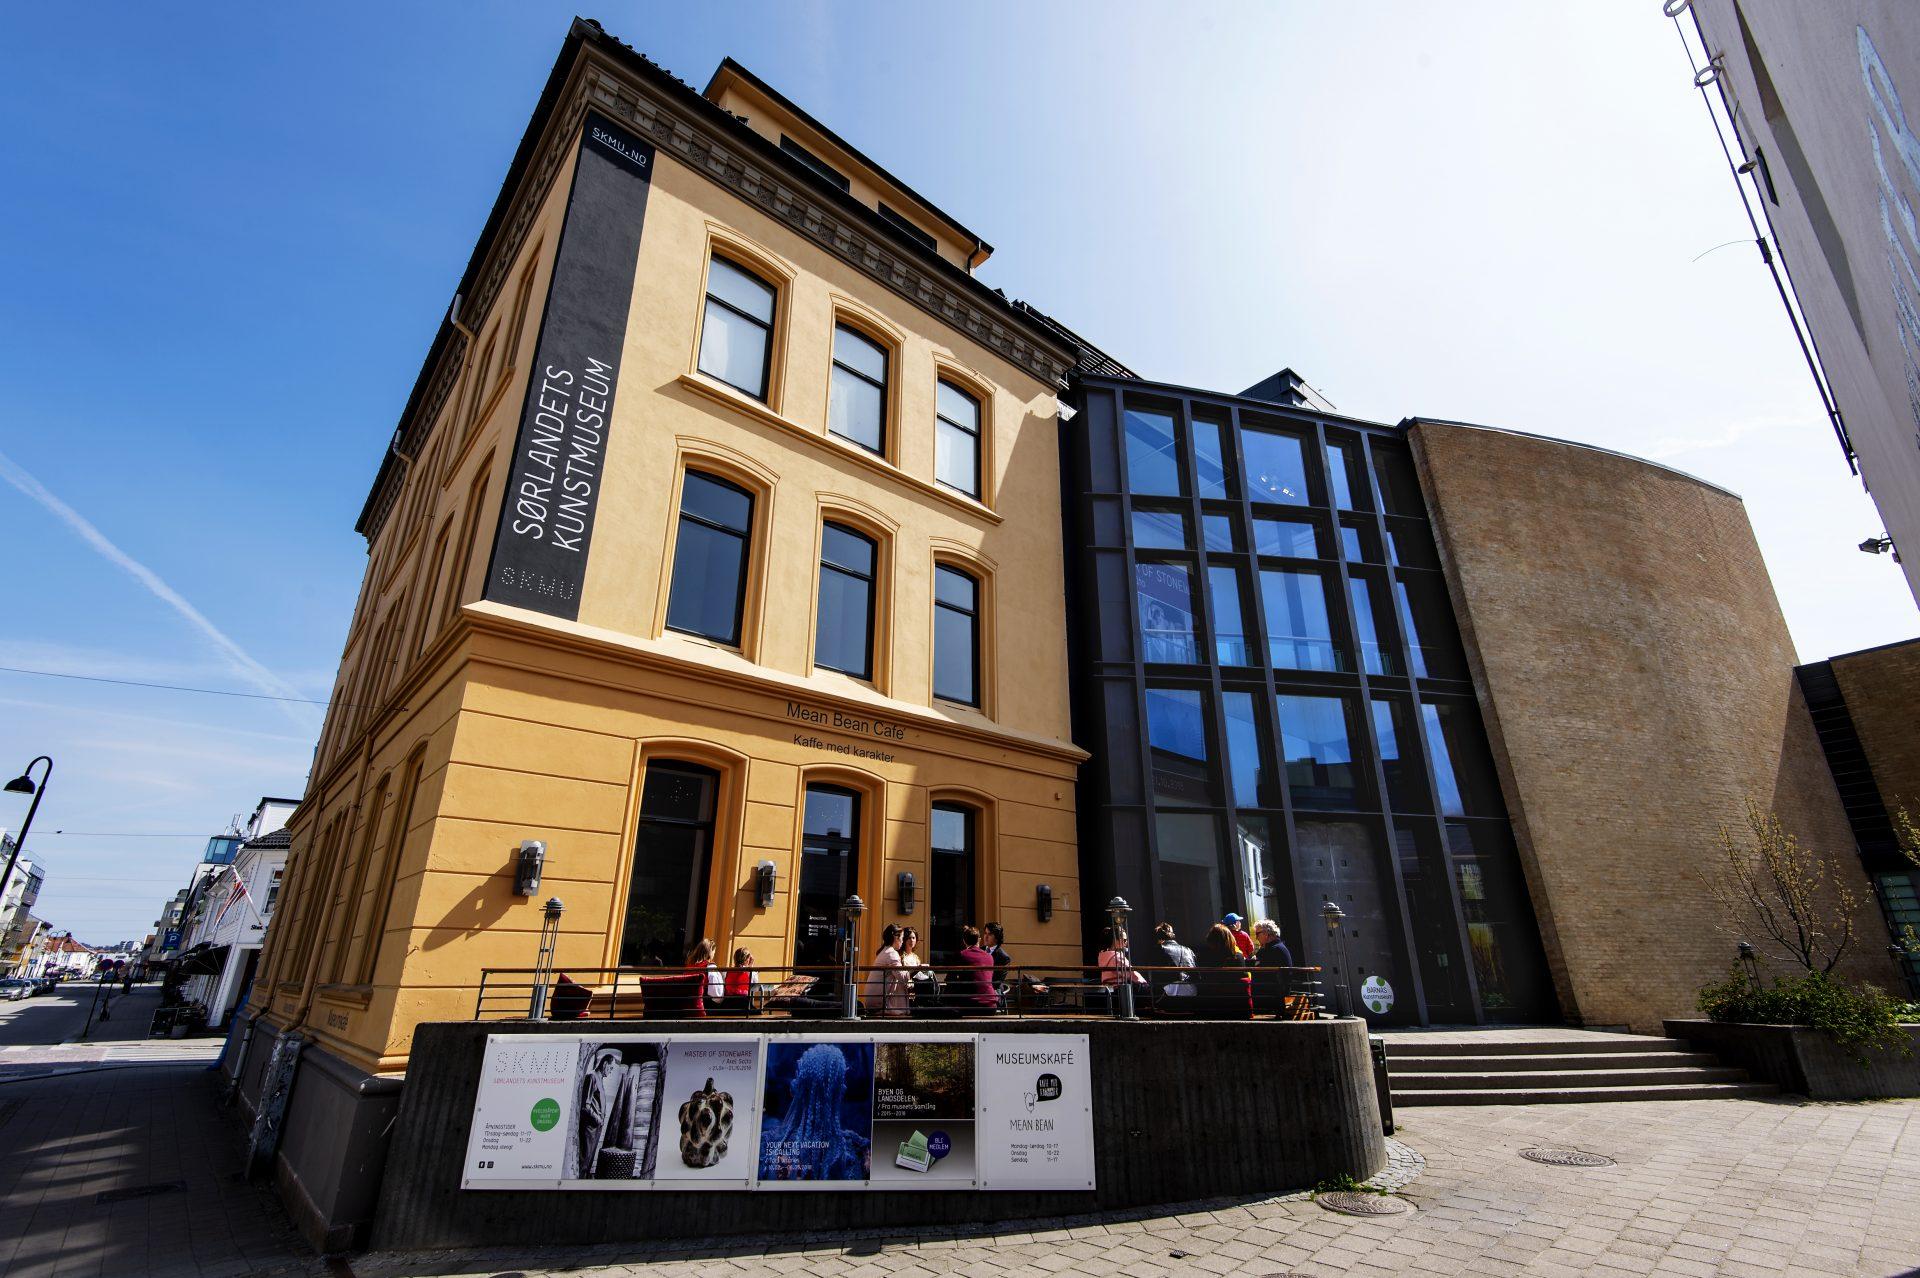 Visit Sørlandets Kunstmuseum